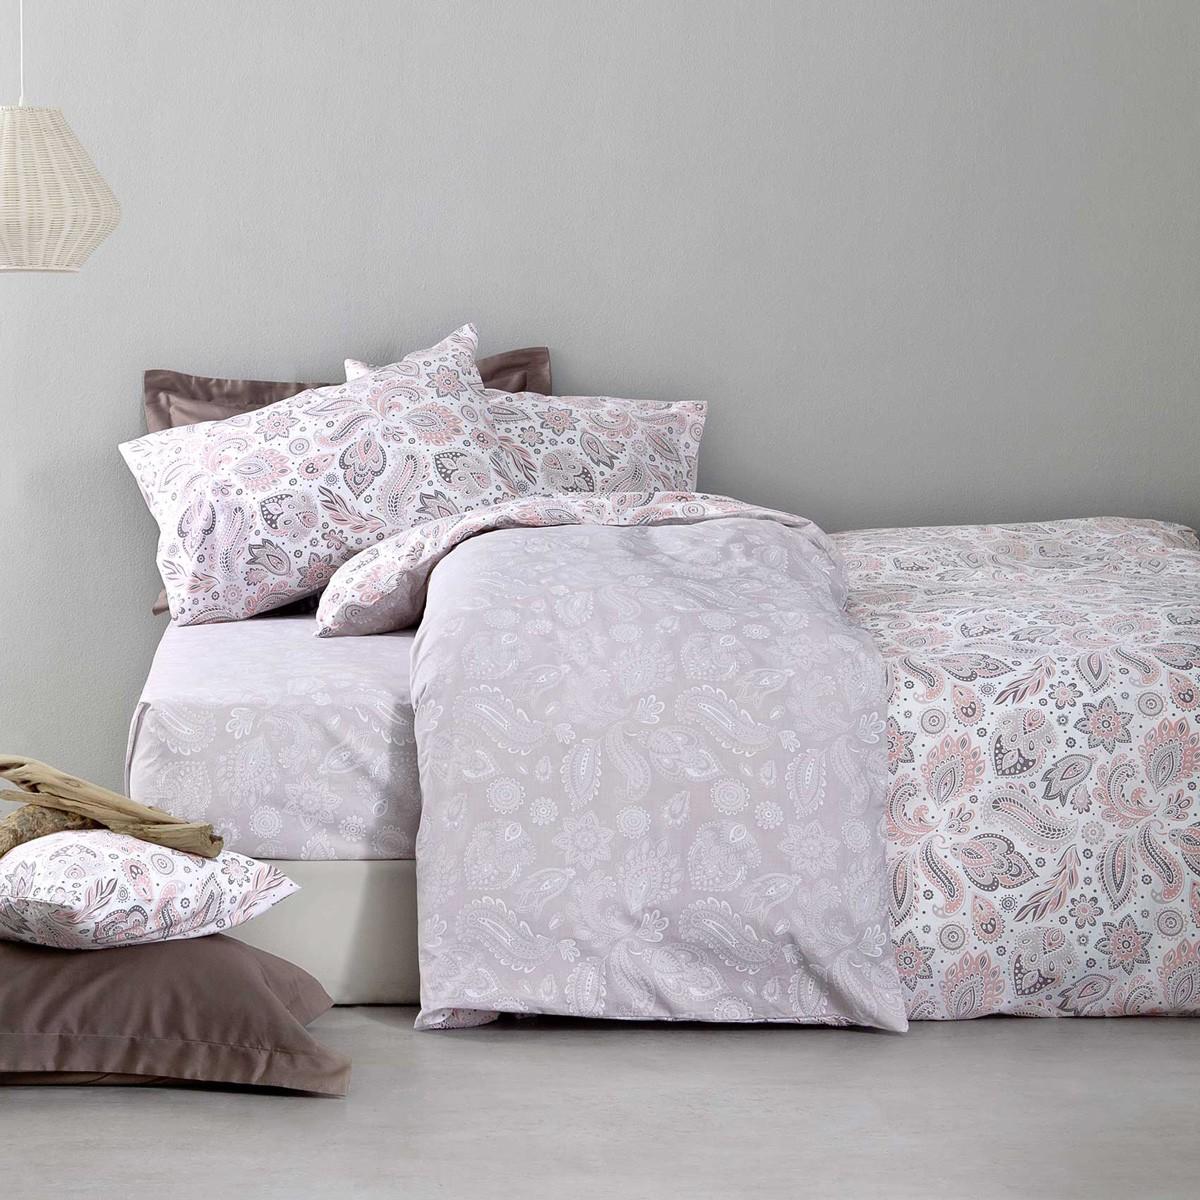 Σεντόνια Υπέρδιπλα (Σετ) Nima Bed Linen Delhi Pink ΜΕ ΛΑΣΤΙΧΟ ΜΕ ΛΑΣΤΙΧΟ